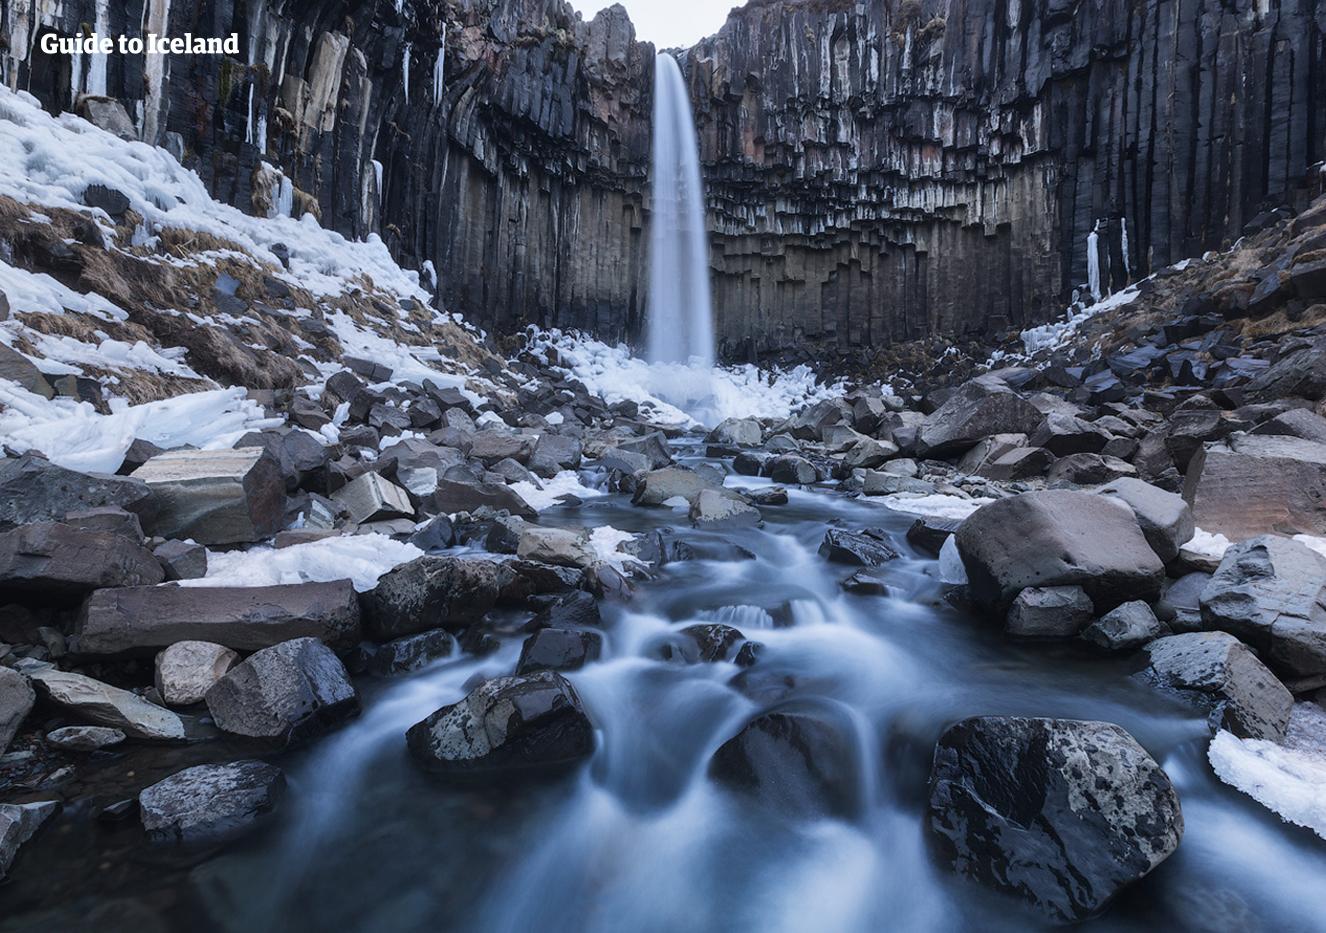 13-dniowa zimowa, samodzielna wycieczka po całej obwodnicy Islandii i półwyspie Snaefellsnes